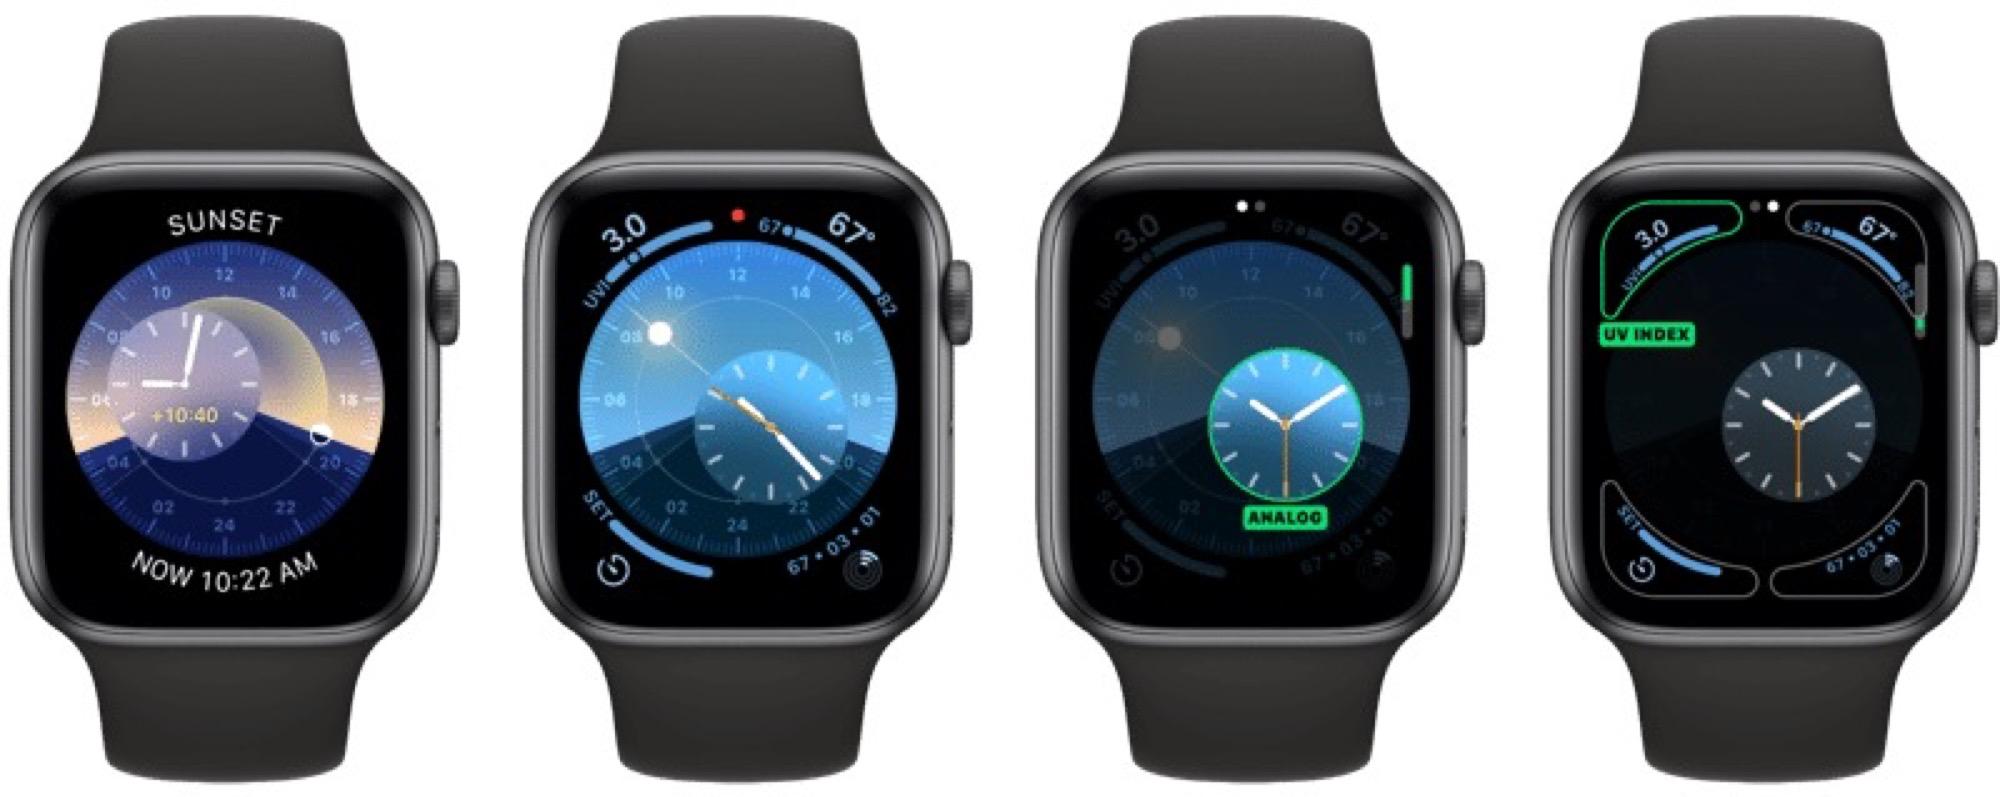 Des cadrans exclusifs aux Apple Watch récentes dans watchOS 6 8